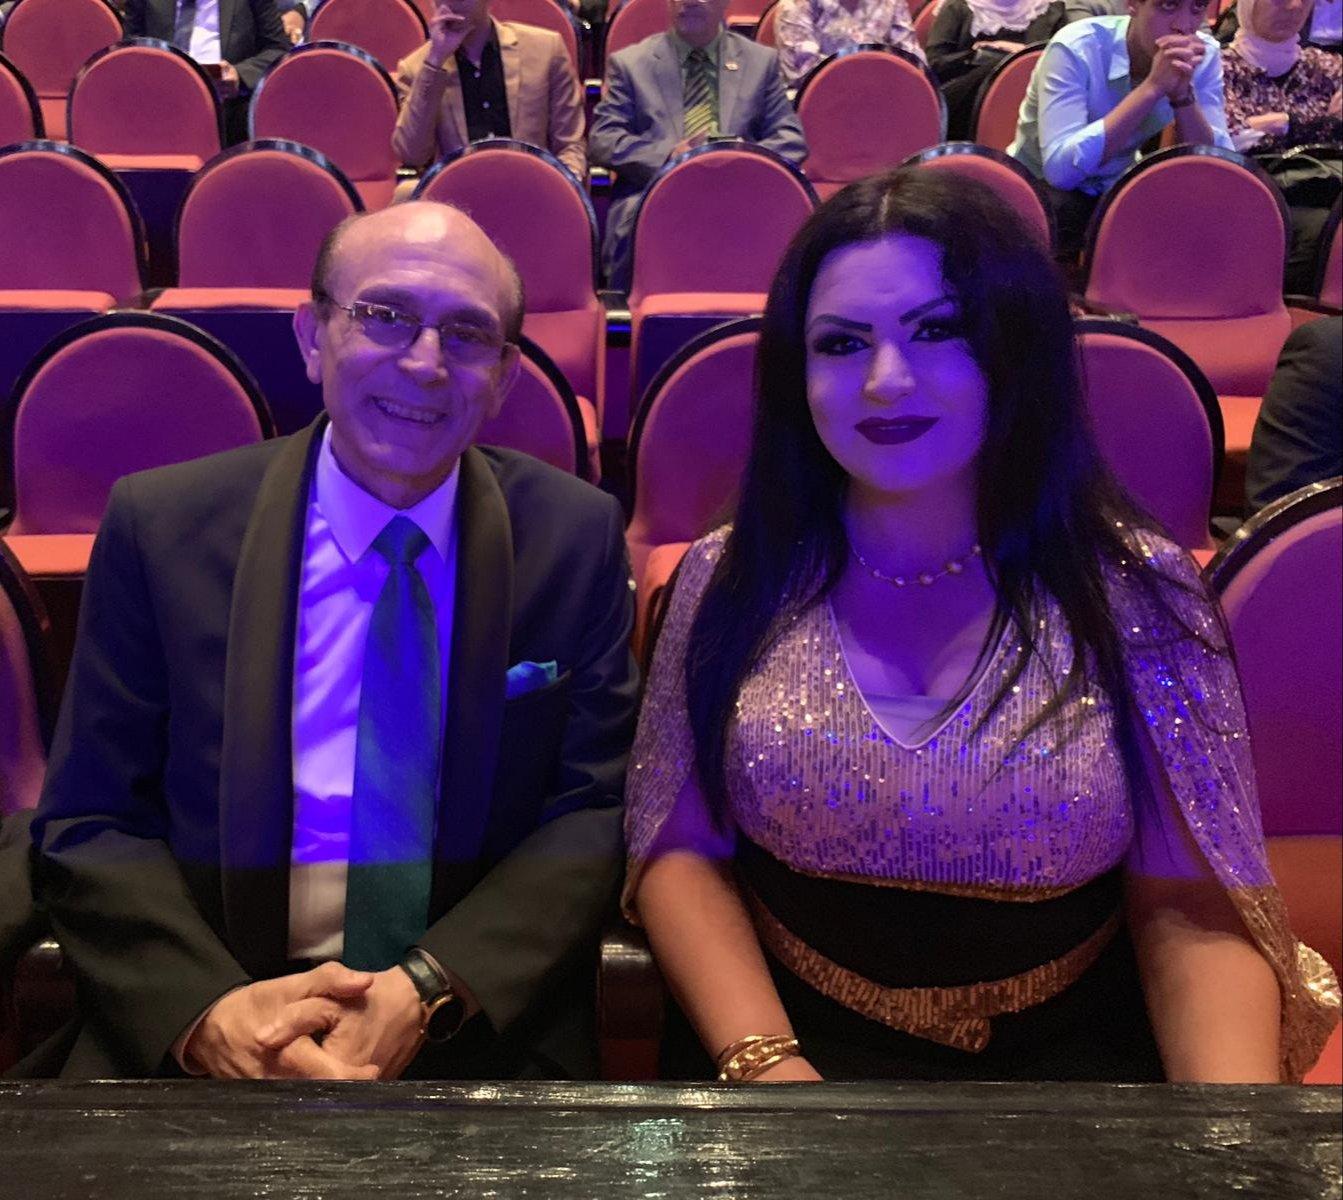 تكريم الإعلامية وفاء يوسف في دار الأوبرا المصرية في حفل مهيب وبحضور نخبة من ألمع نجوم الوطن العربي